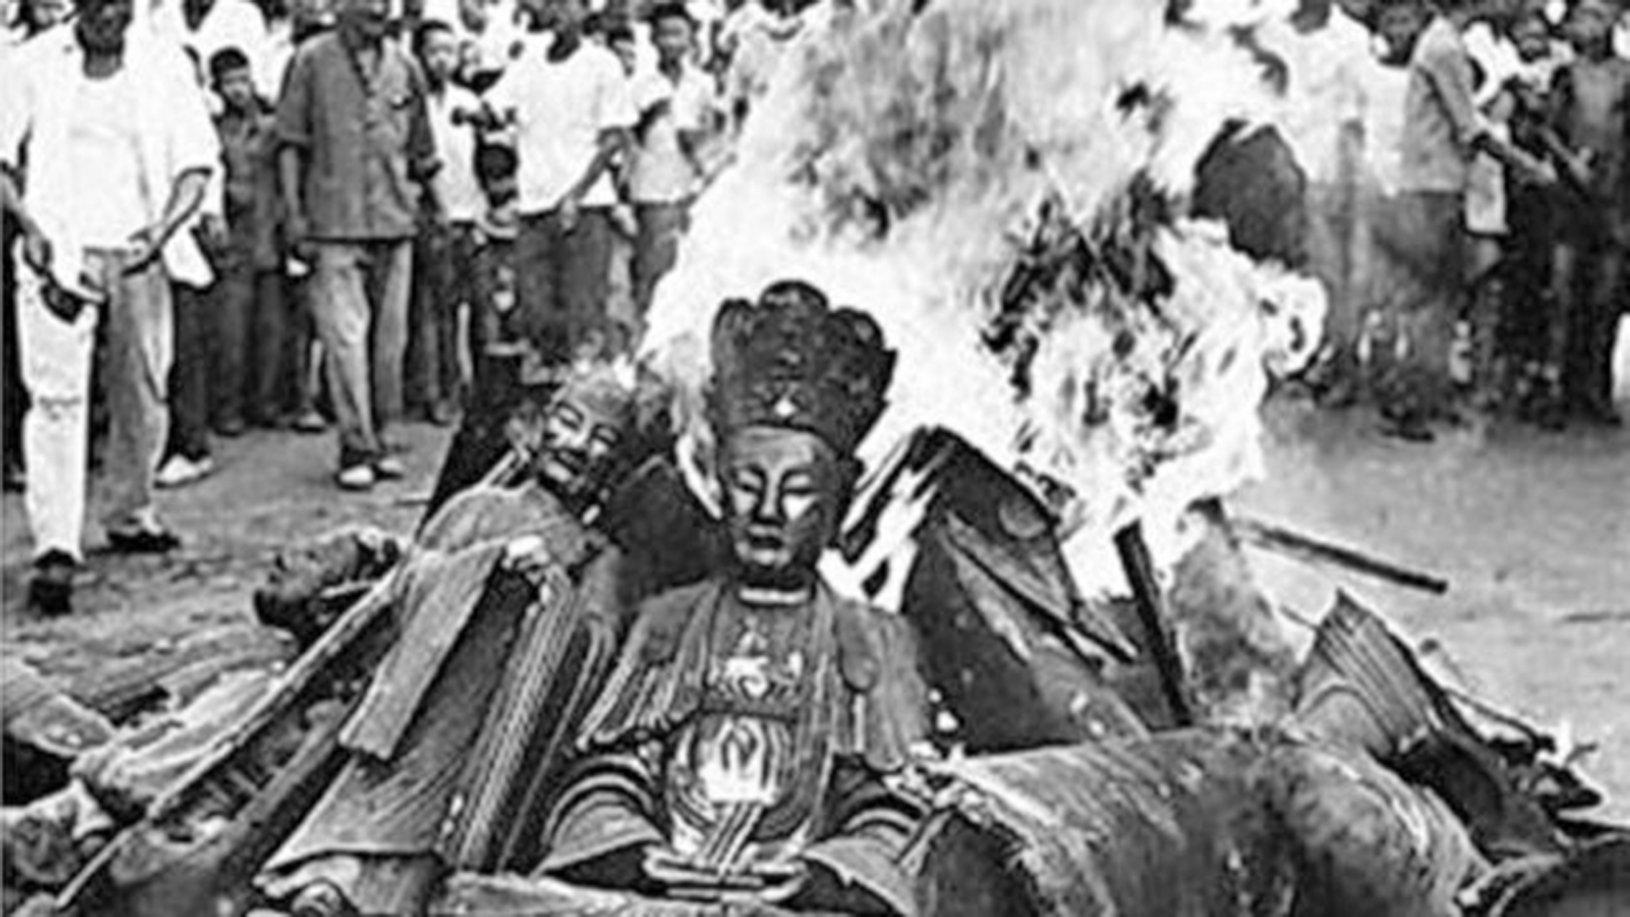 文革期間一幫無法無天之徒,到處打砸佛像、拆寺廟。(網絡圖片)